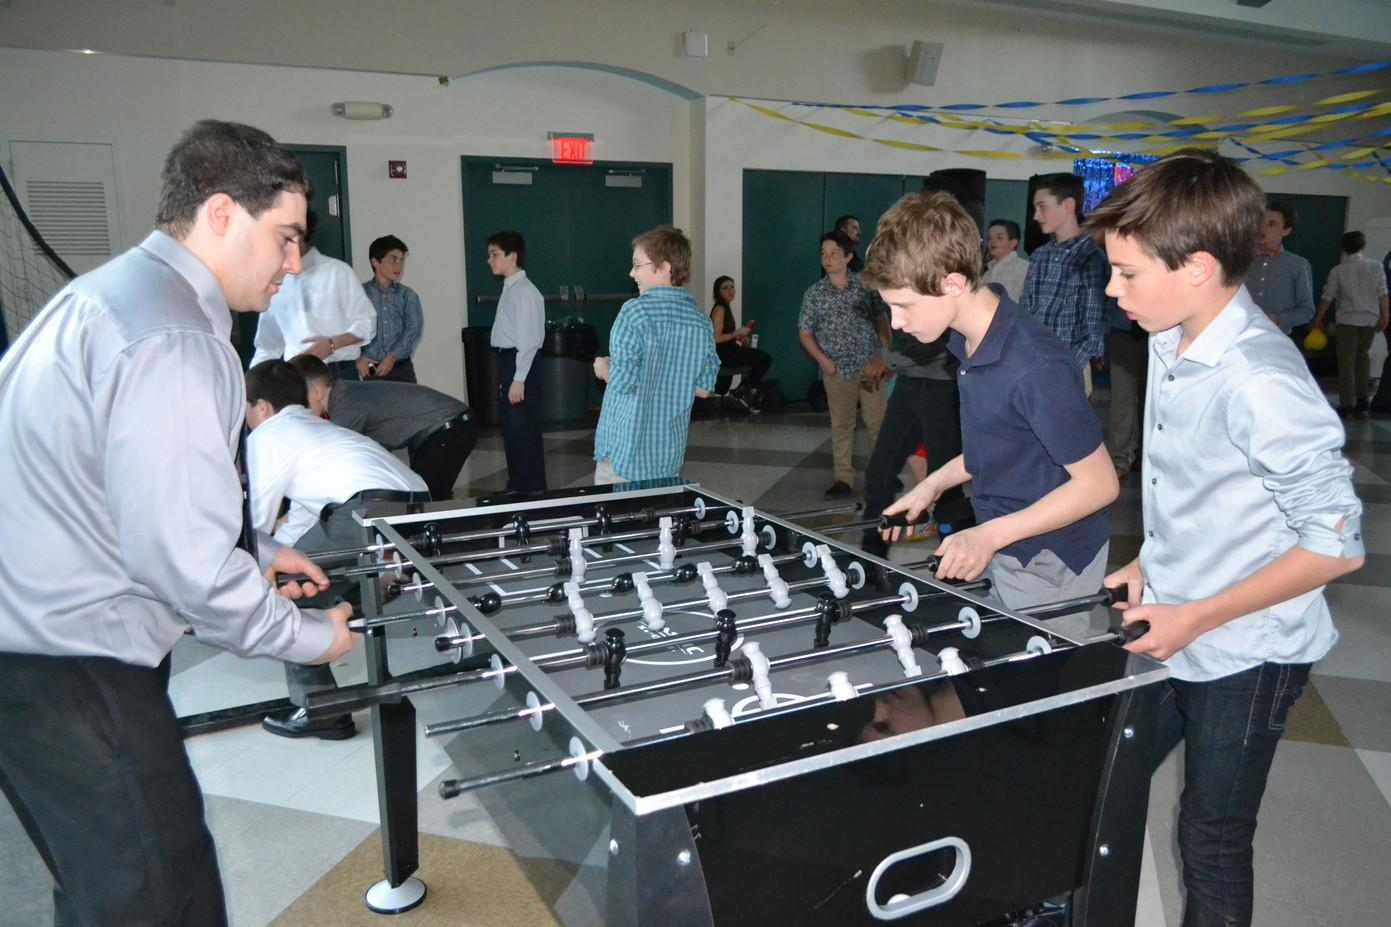 Foosball-Game-For-Boys.JPG